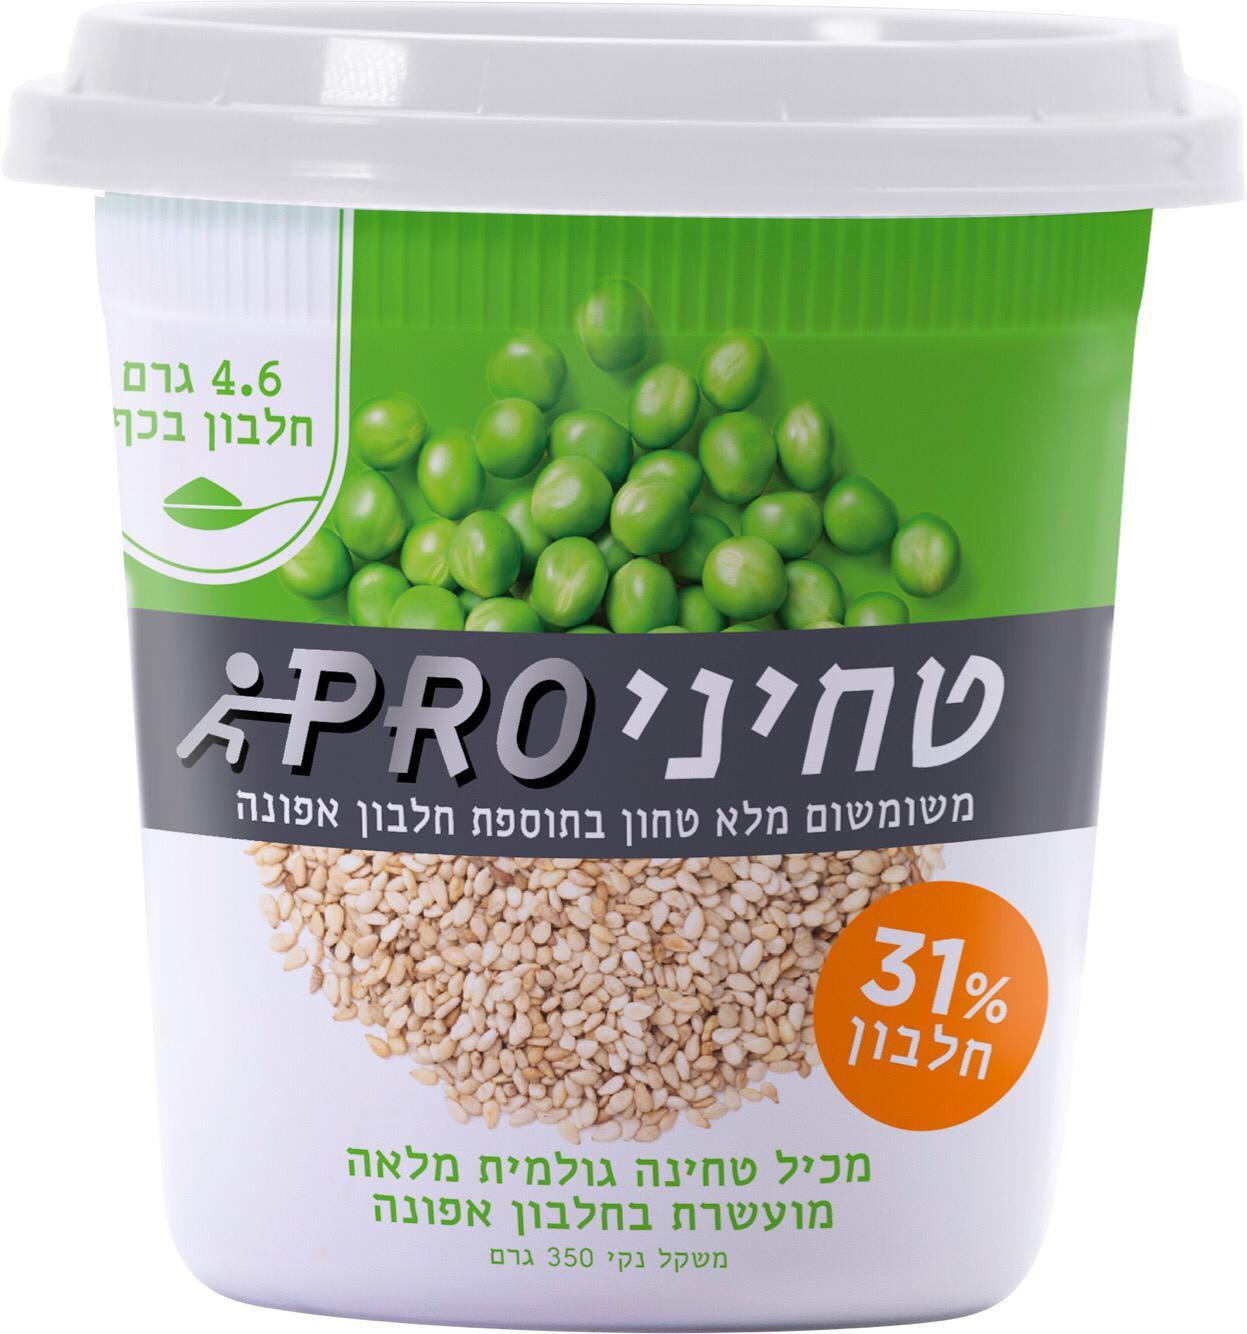 מבצעי 1+1|טחיניפרו 31% חלבון - טחינה משומשום מלא בתוספת חלבון אפונה